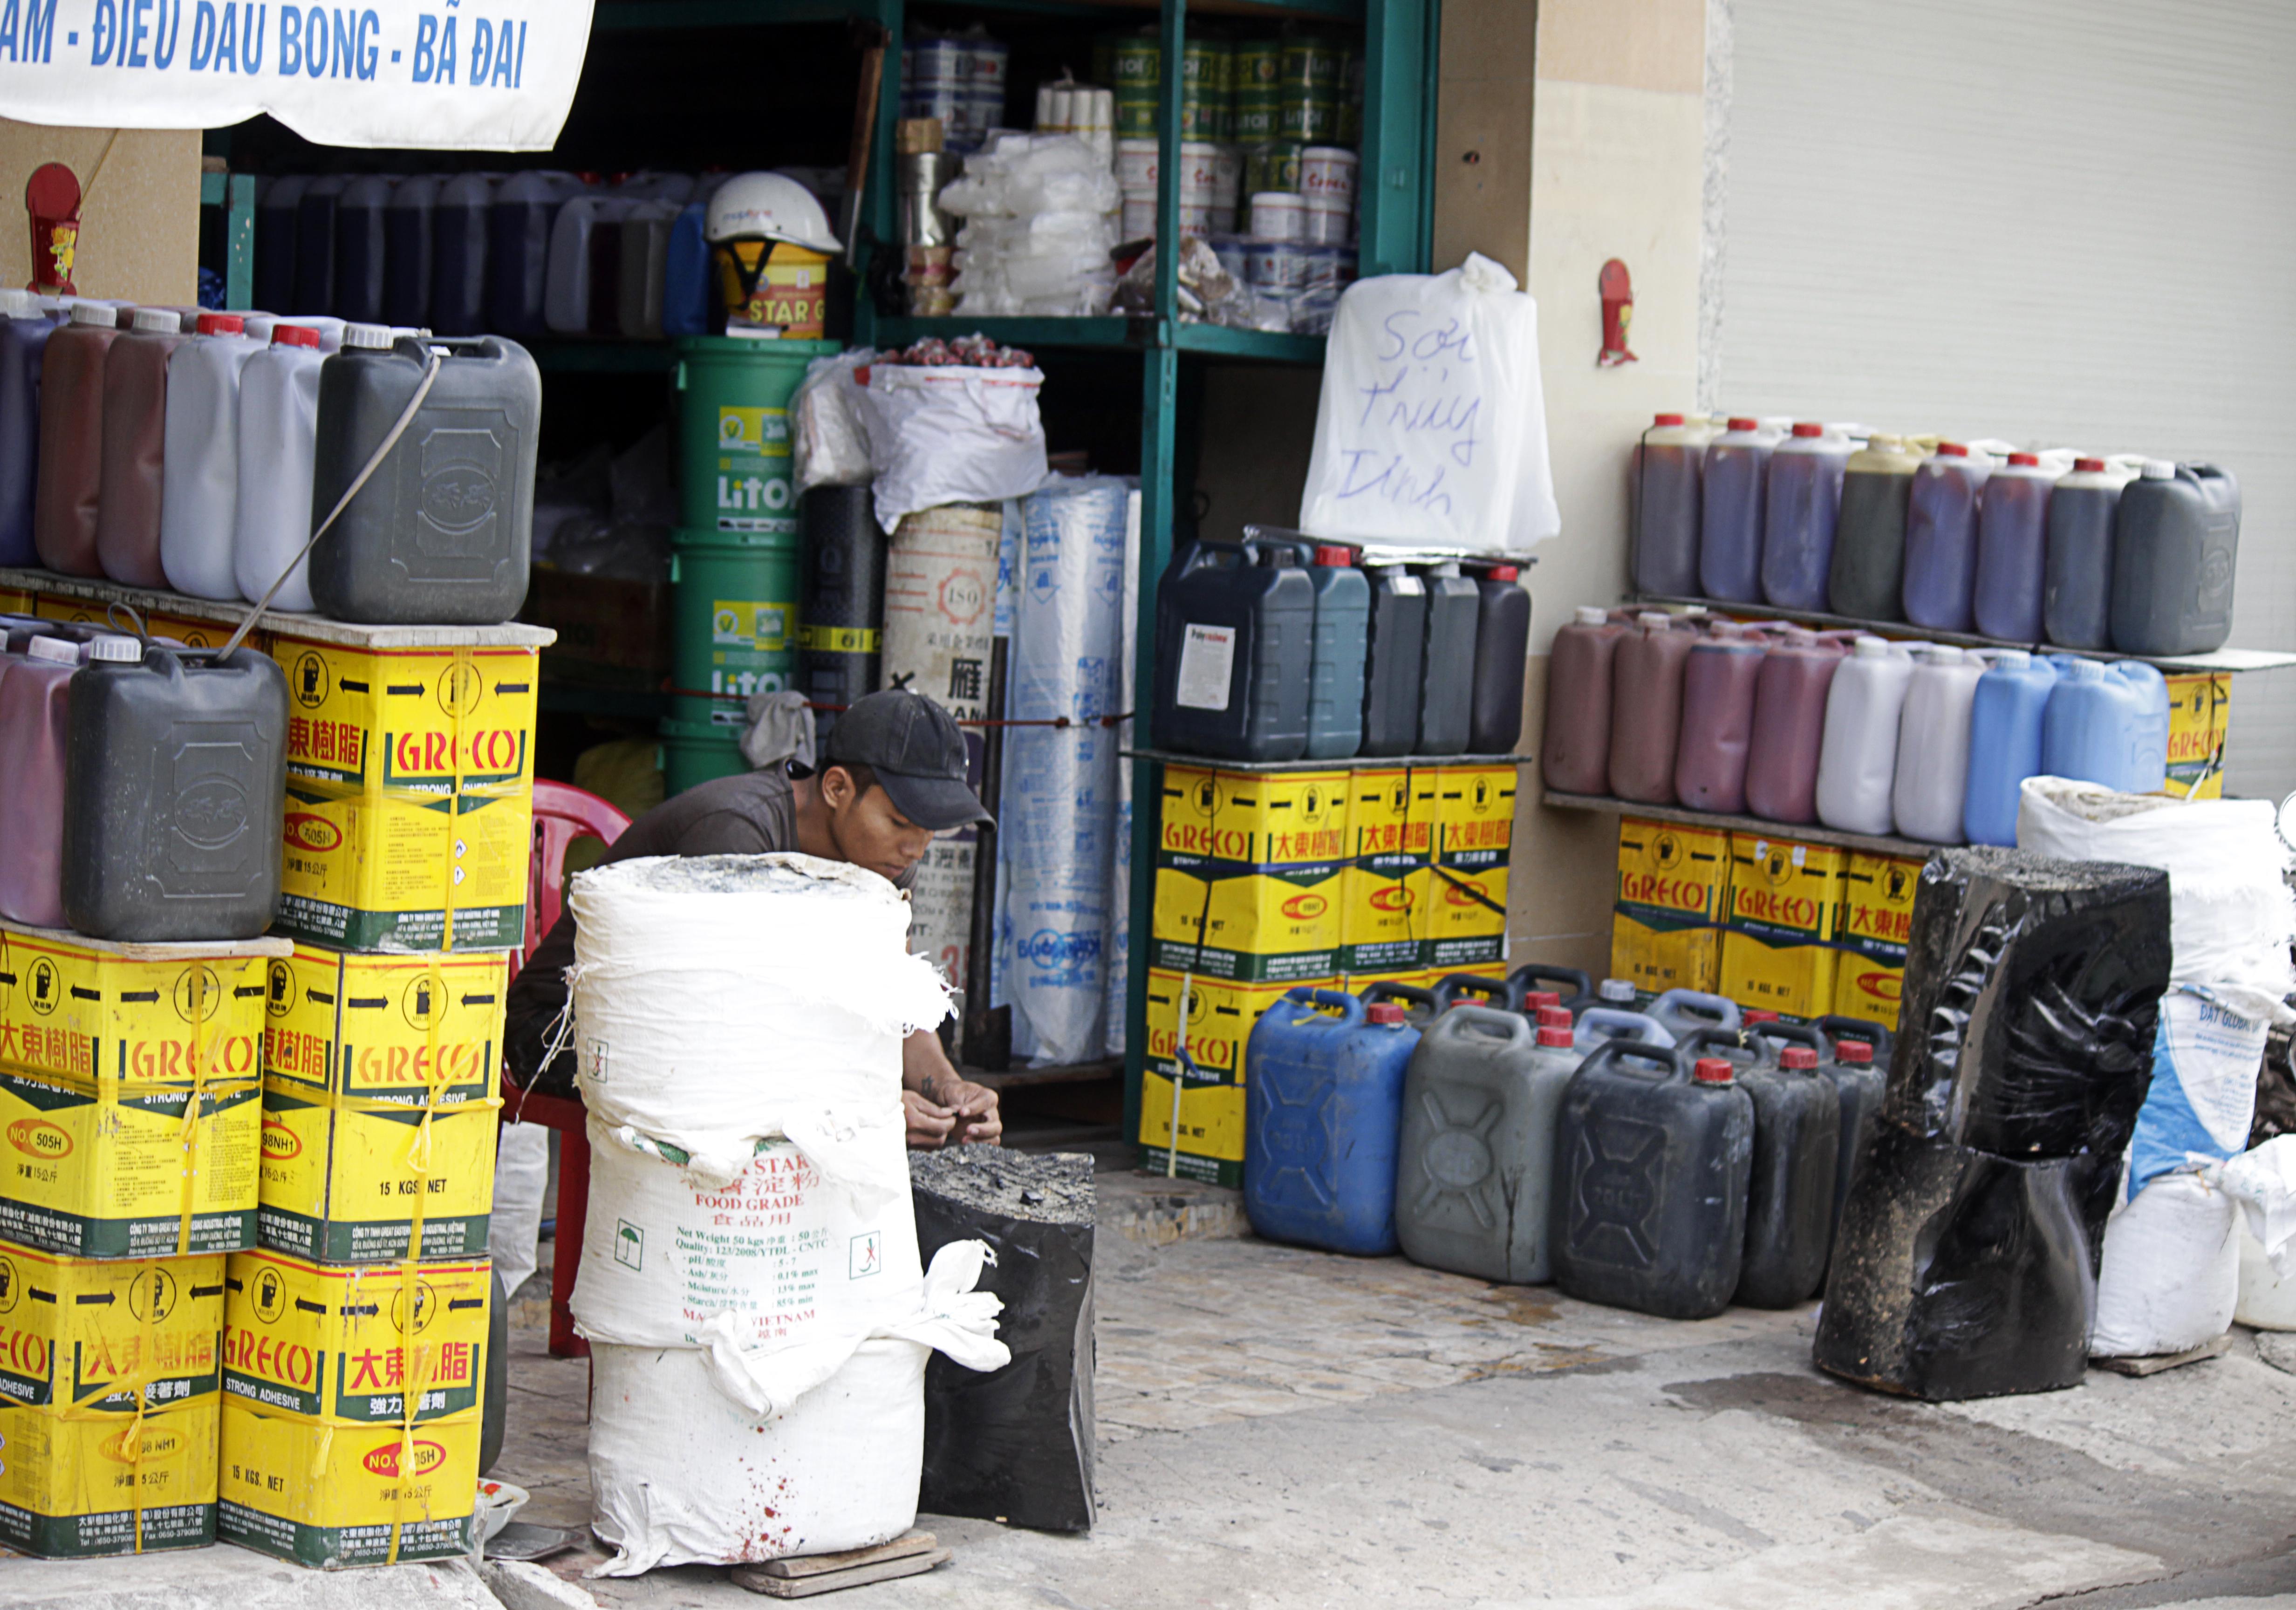 Những cửa hàng bày bán các loại hóa chất công nghiệp, phụ gia thực phẩm nằm san sát trong khu vực chợ Kim Biên. Khách hàng chỉ cần tới mua hàng mà không cần chứng minh mục đích sử dụng.